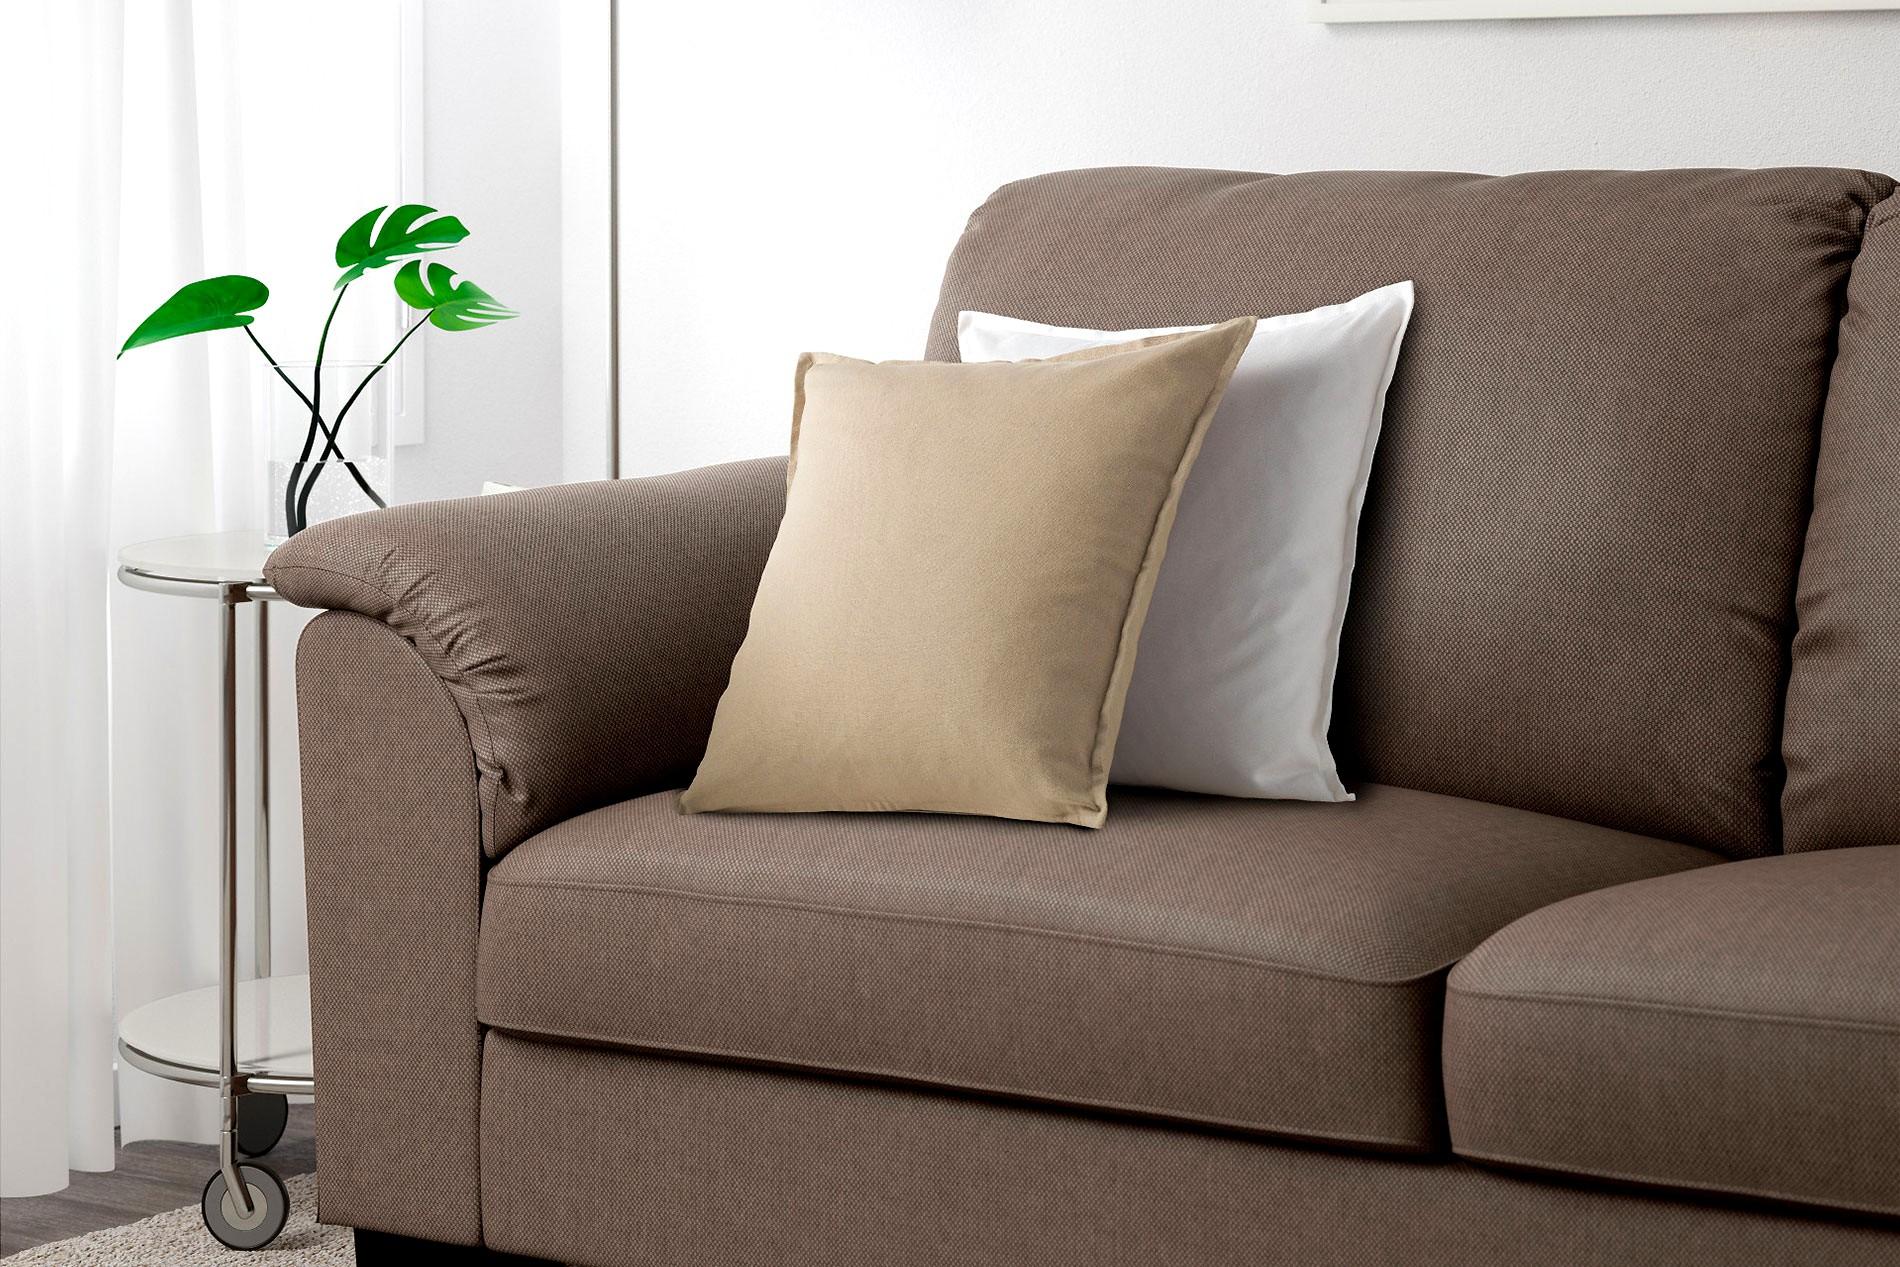 Canape D Angle Ikea Convertible Nouveau Galerie S Canapé D Angle Convertible Cuir Ikea De Canapes Ikea – Icelusa